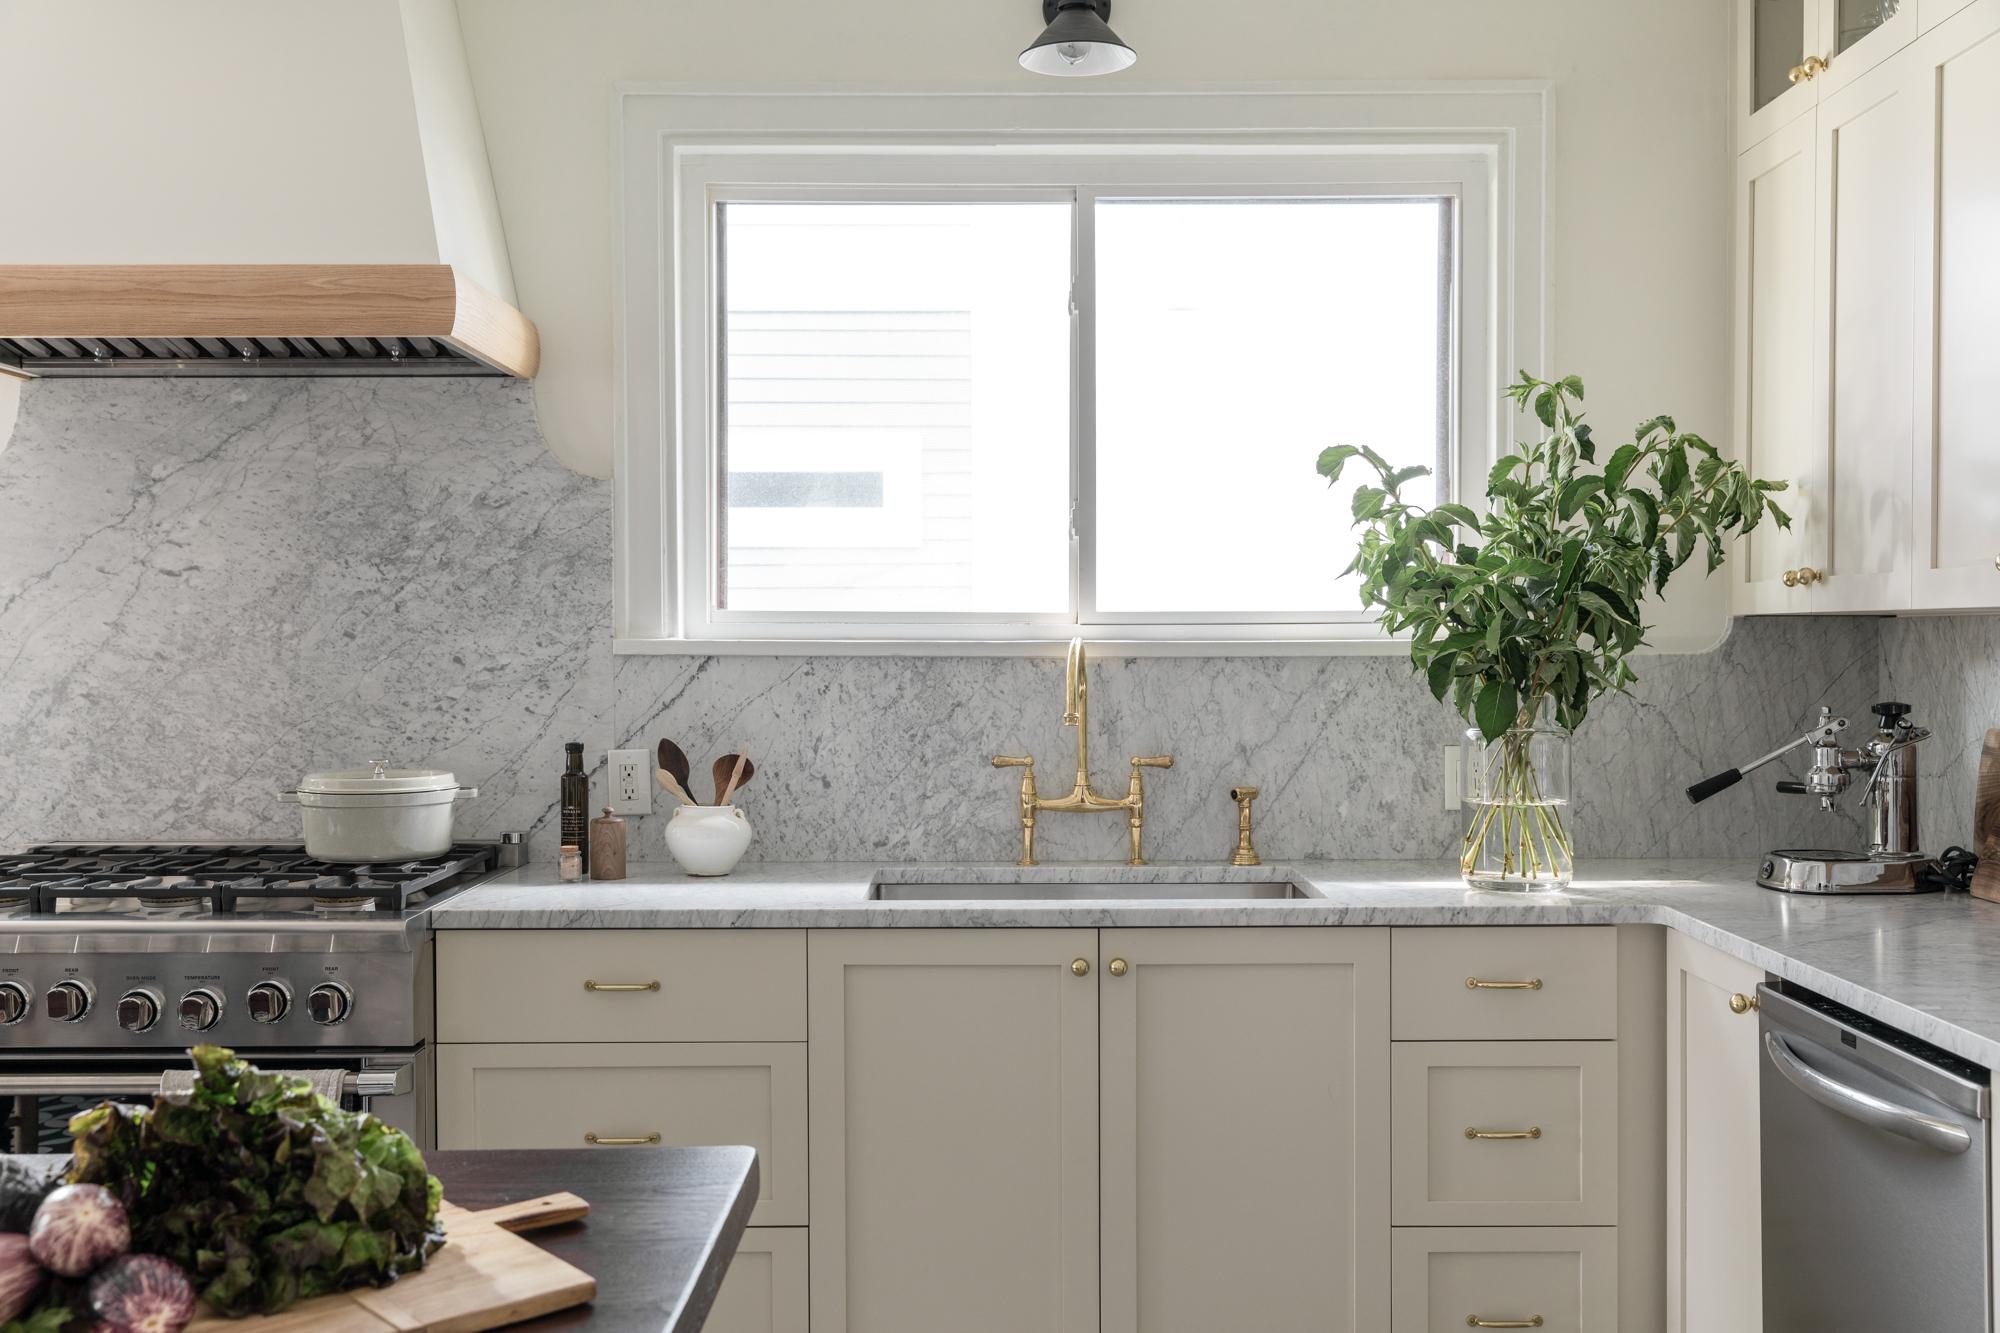 Lauren Bradshaw Design East Hill Kitchen Renovation Rohl Faucet